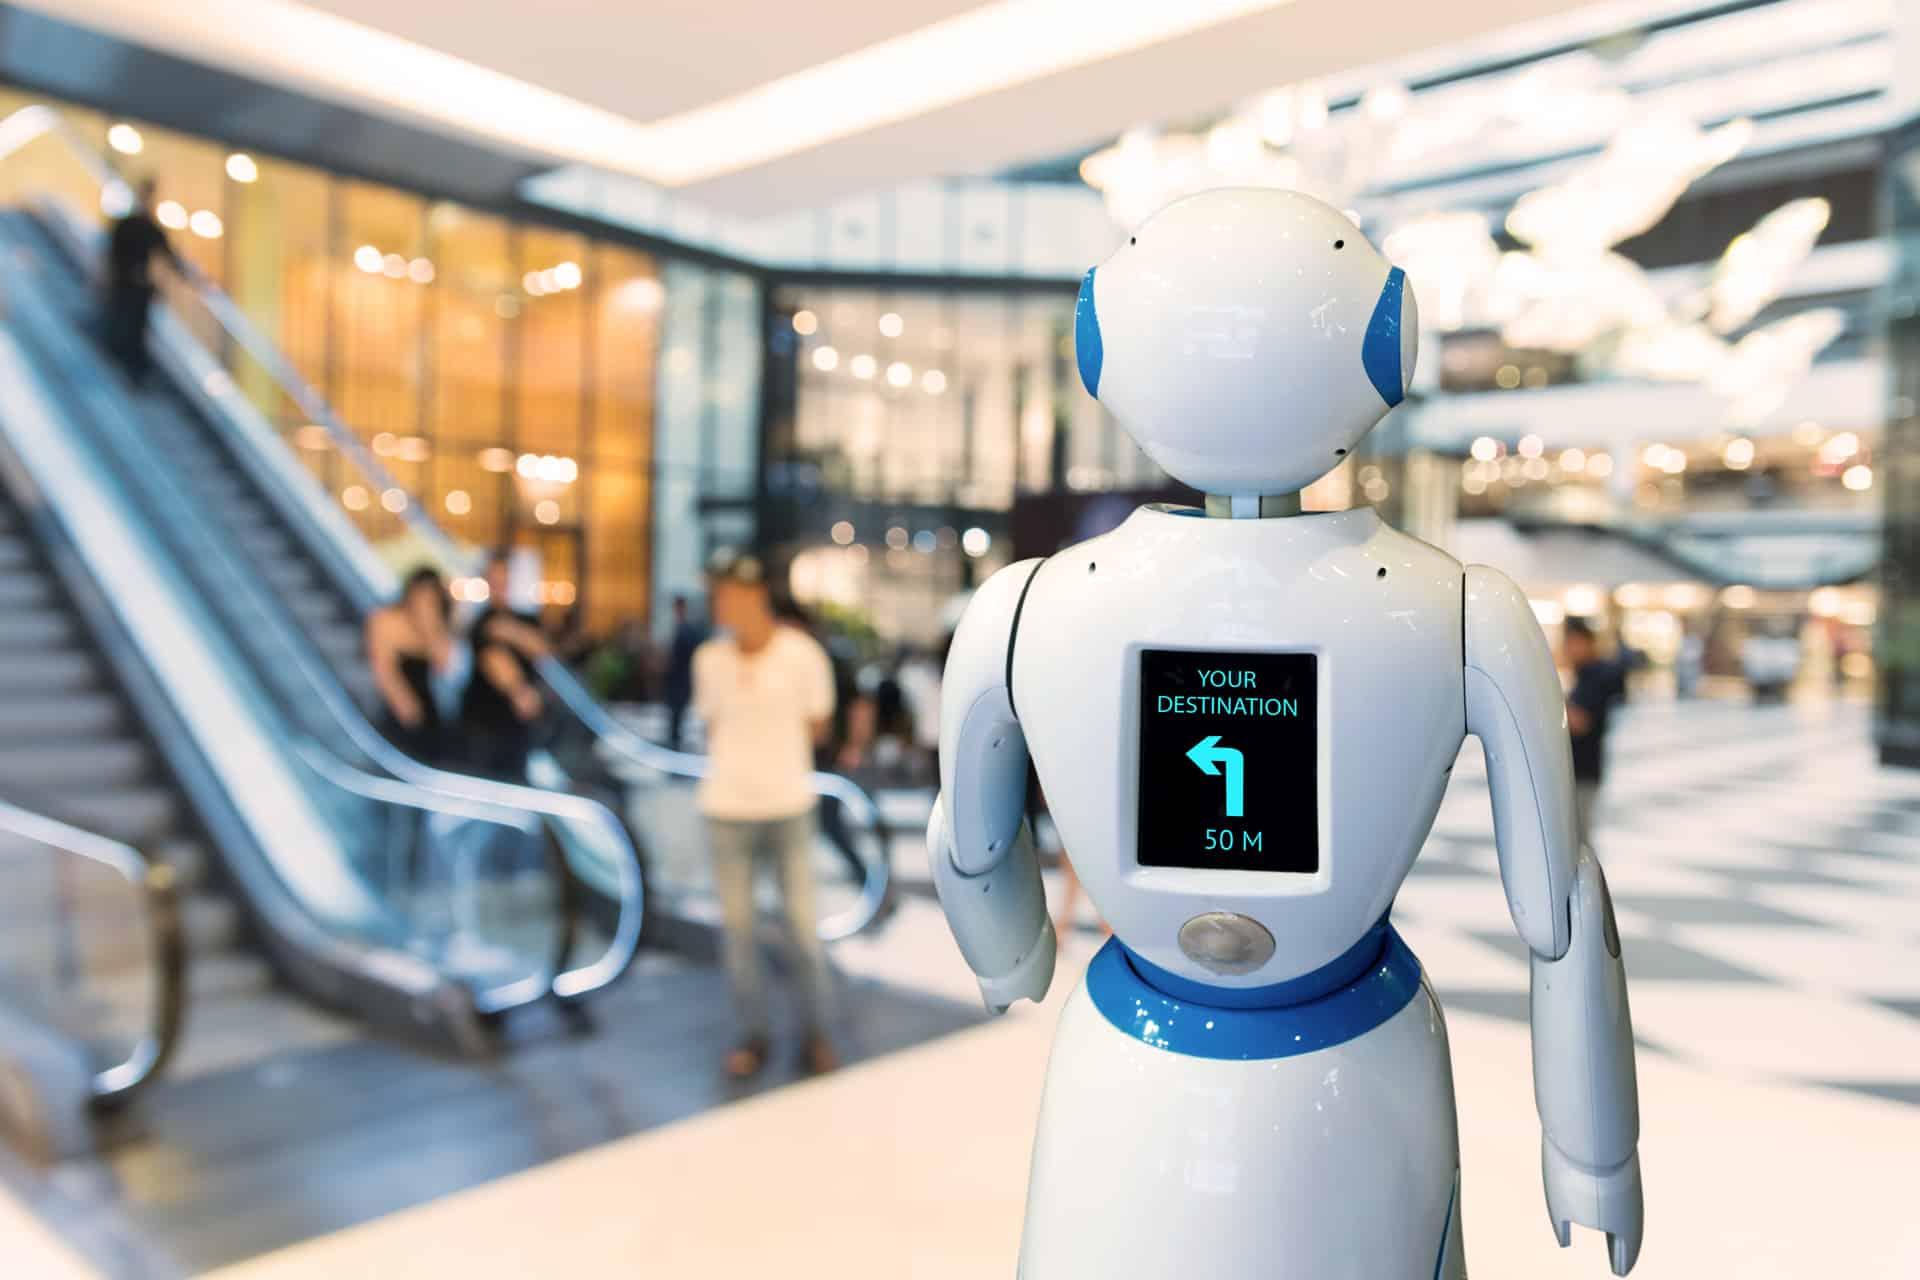 ระวัง! หุ่นยนต์จะมาแทนที่เก้าอี้คุณ